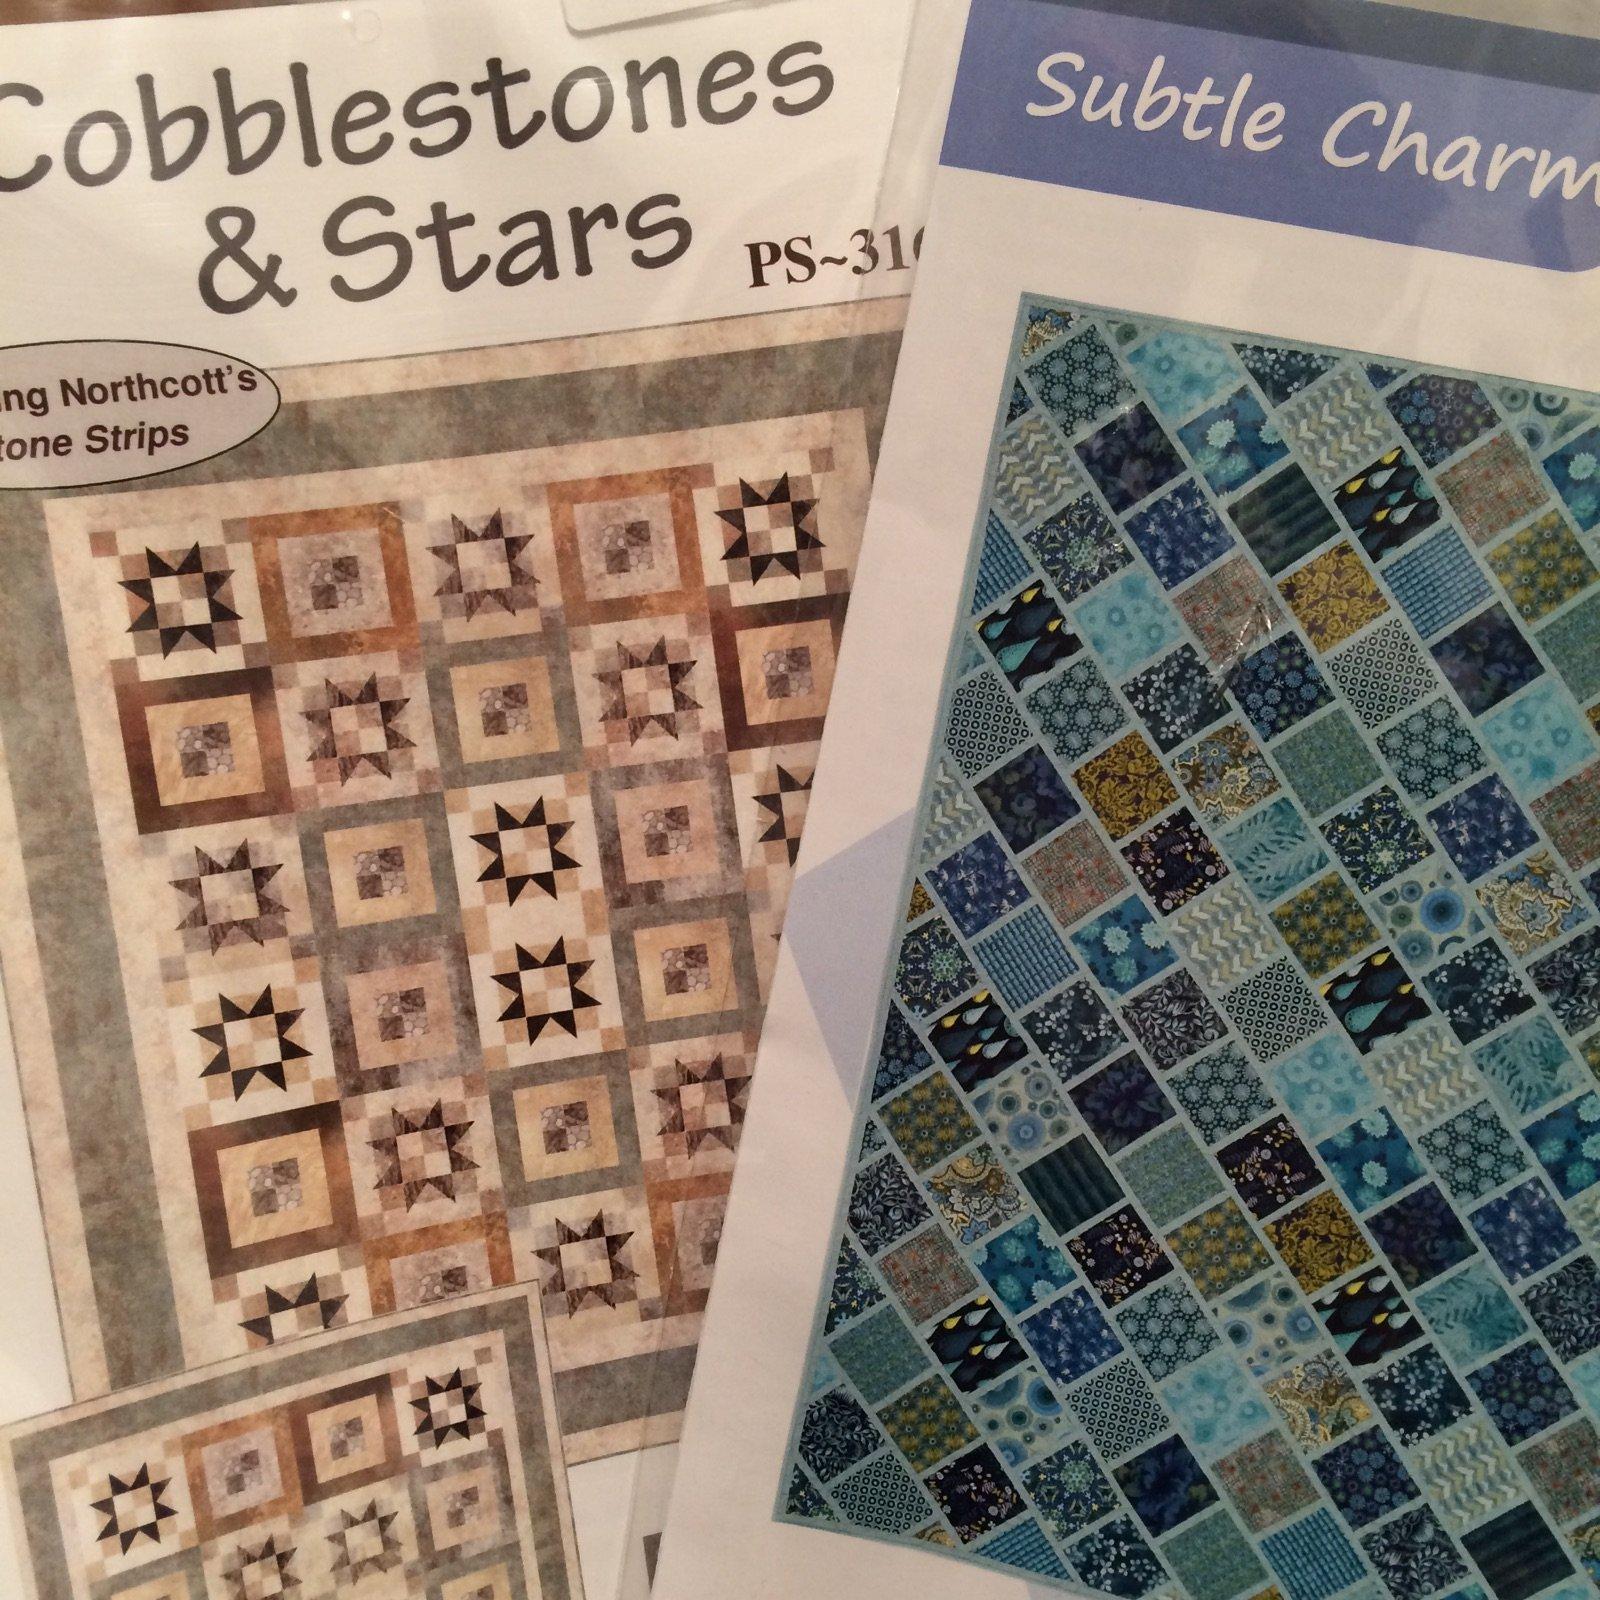 2 Pack Pattern Bundle-Subtle Charm and Cobblestones & Stars